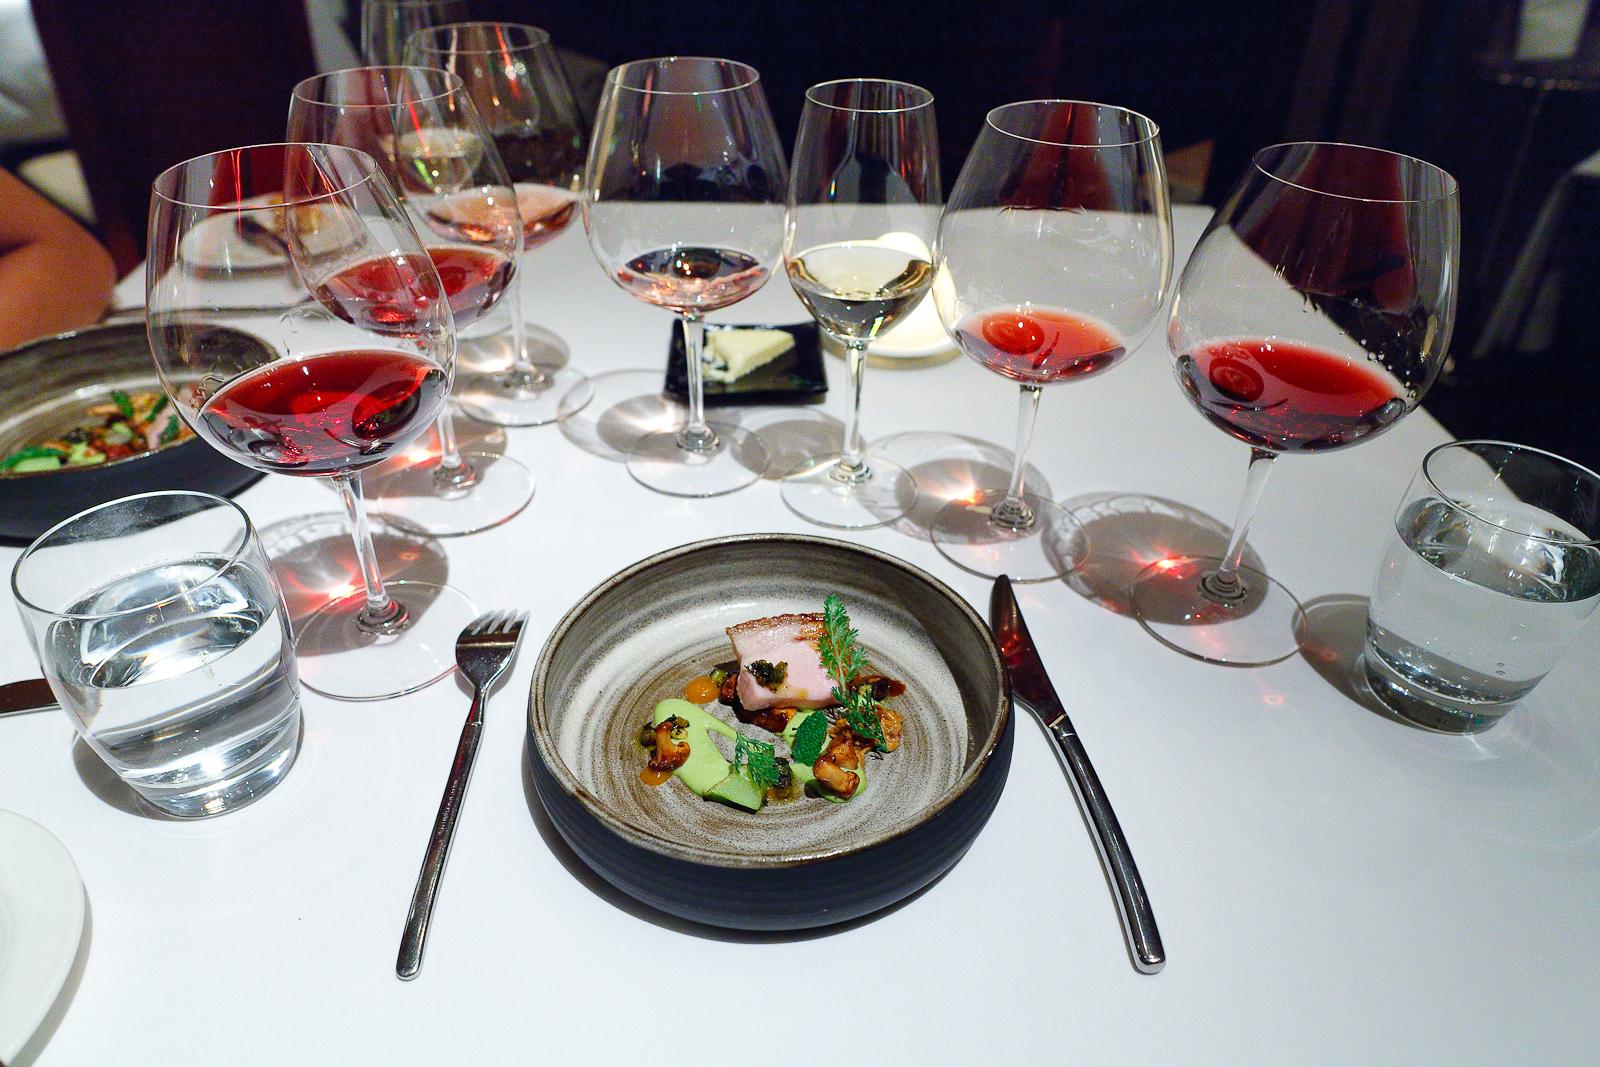 14th Course: Suckling porcelet, chanterelle mushrooms, apricots and anise purée, courgette velouté, pistachio pesto